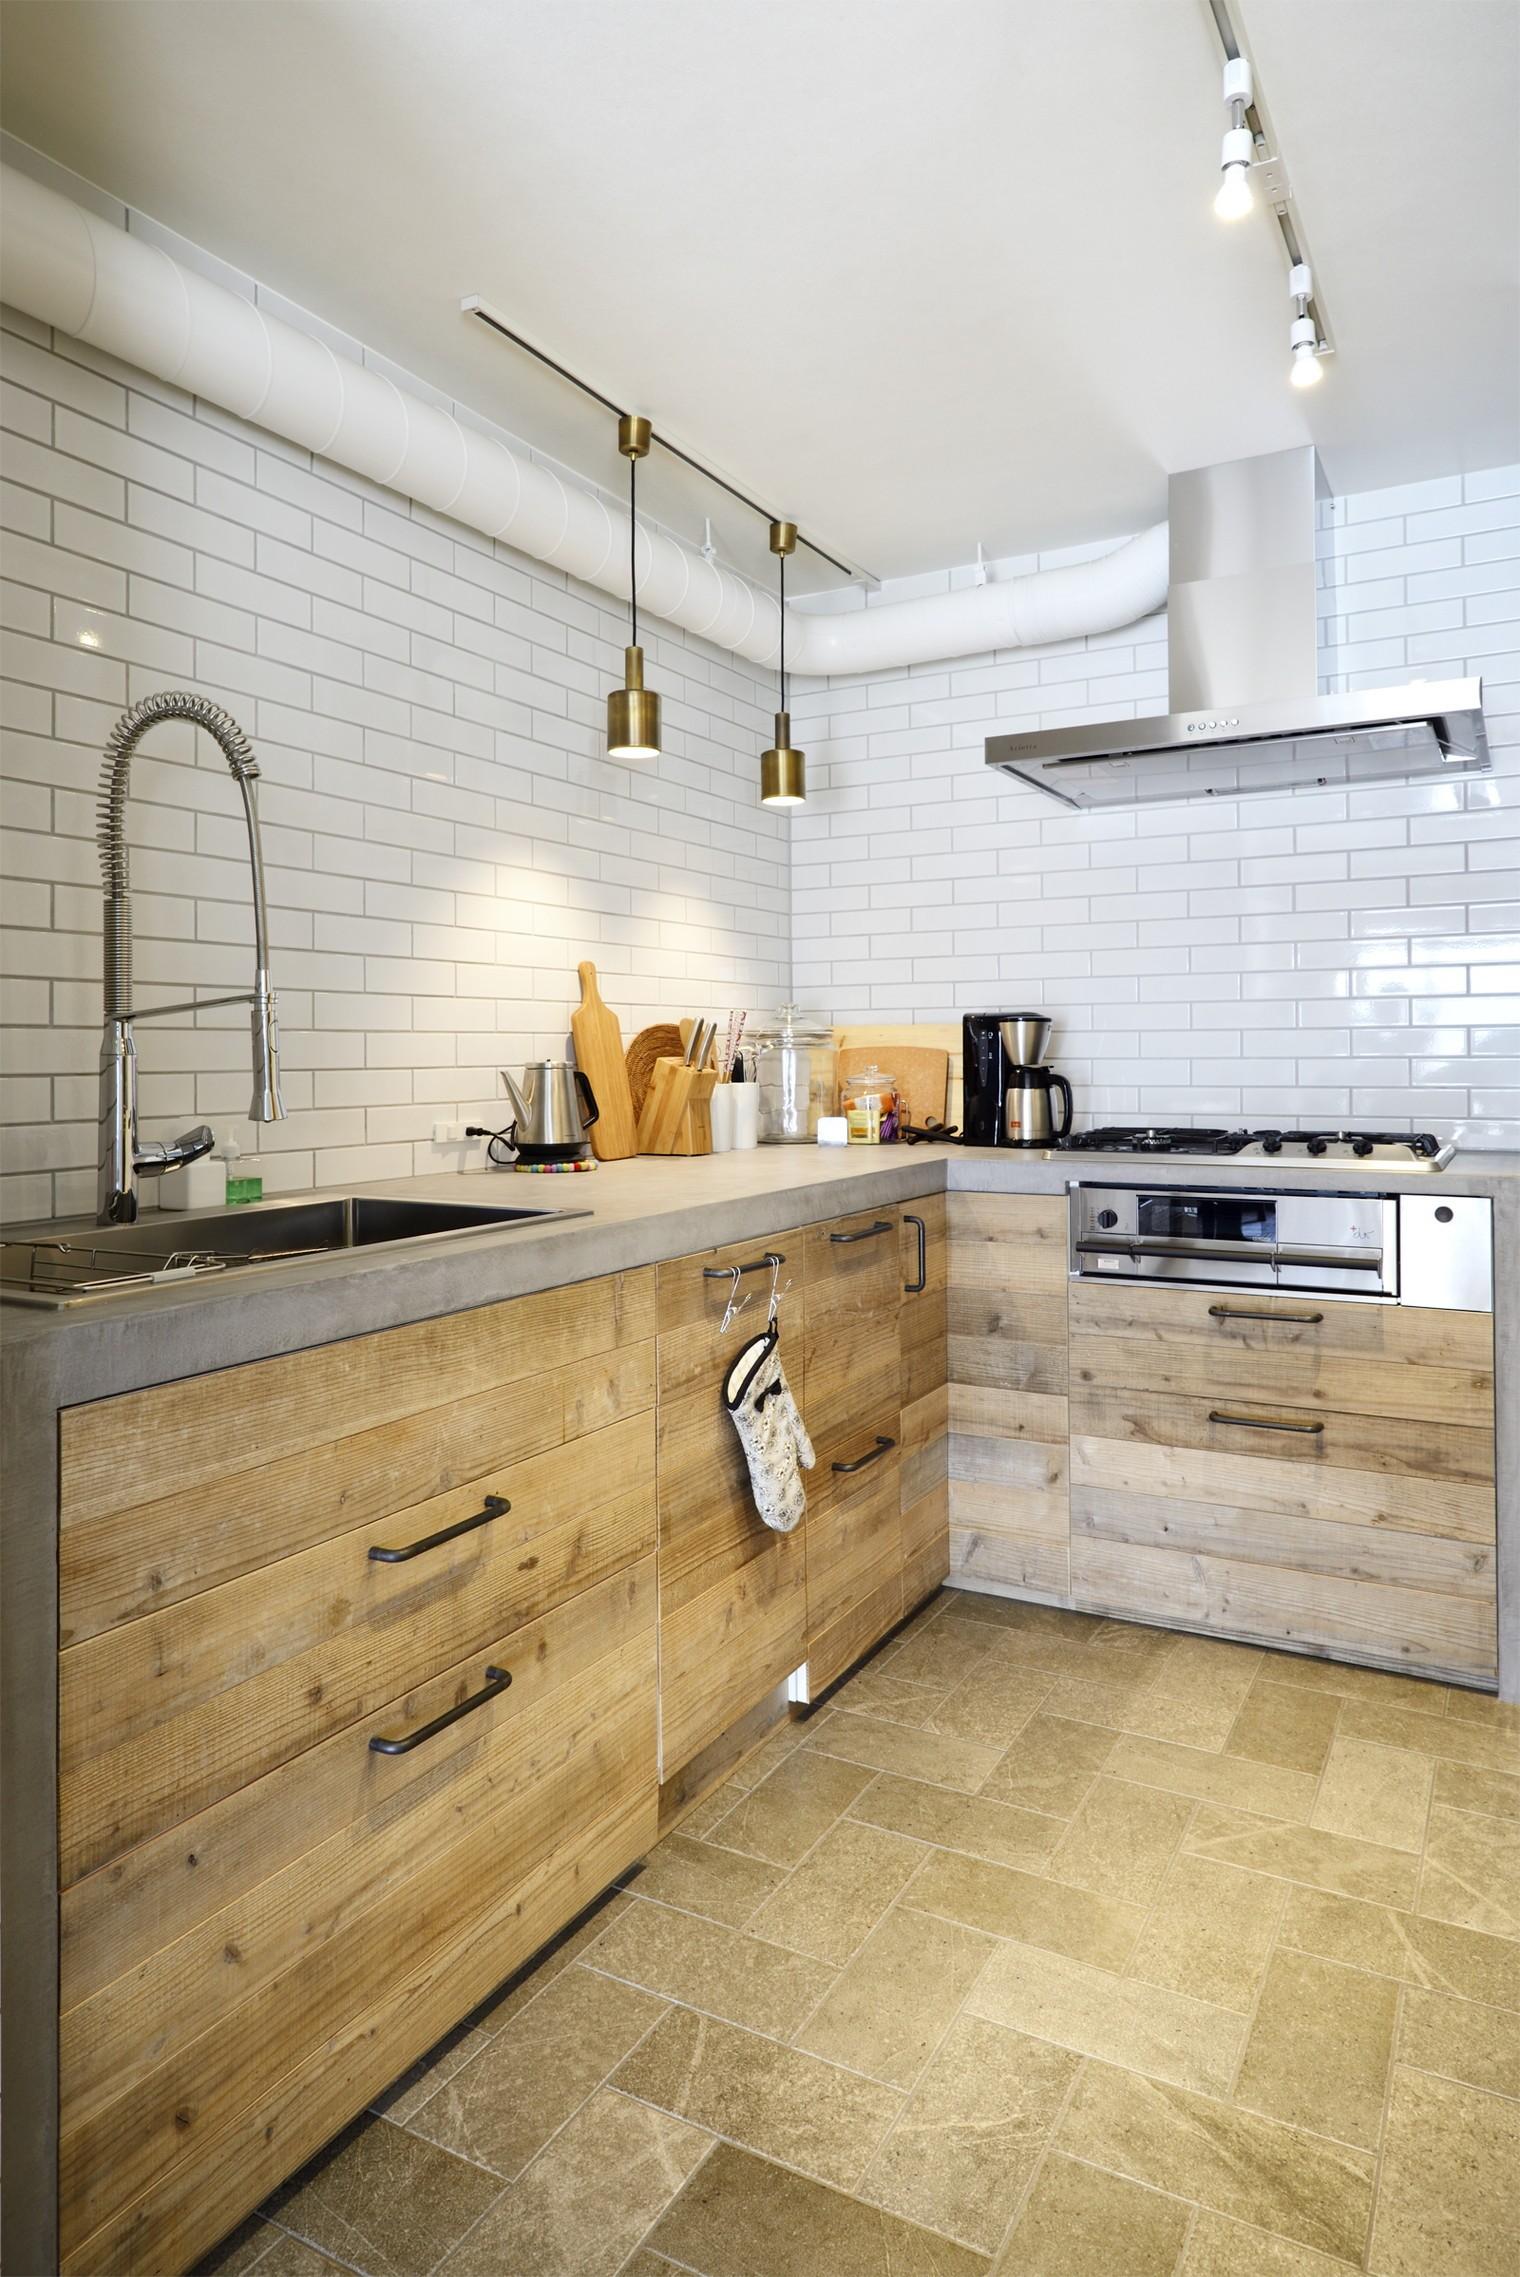 キッチン事例:キッチン(『Avenue』 ― 家族に優しい家)